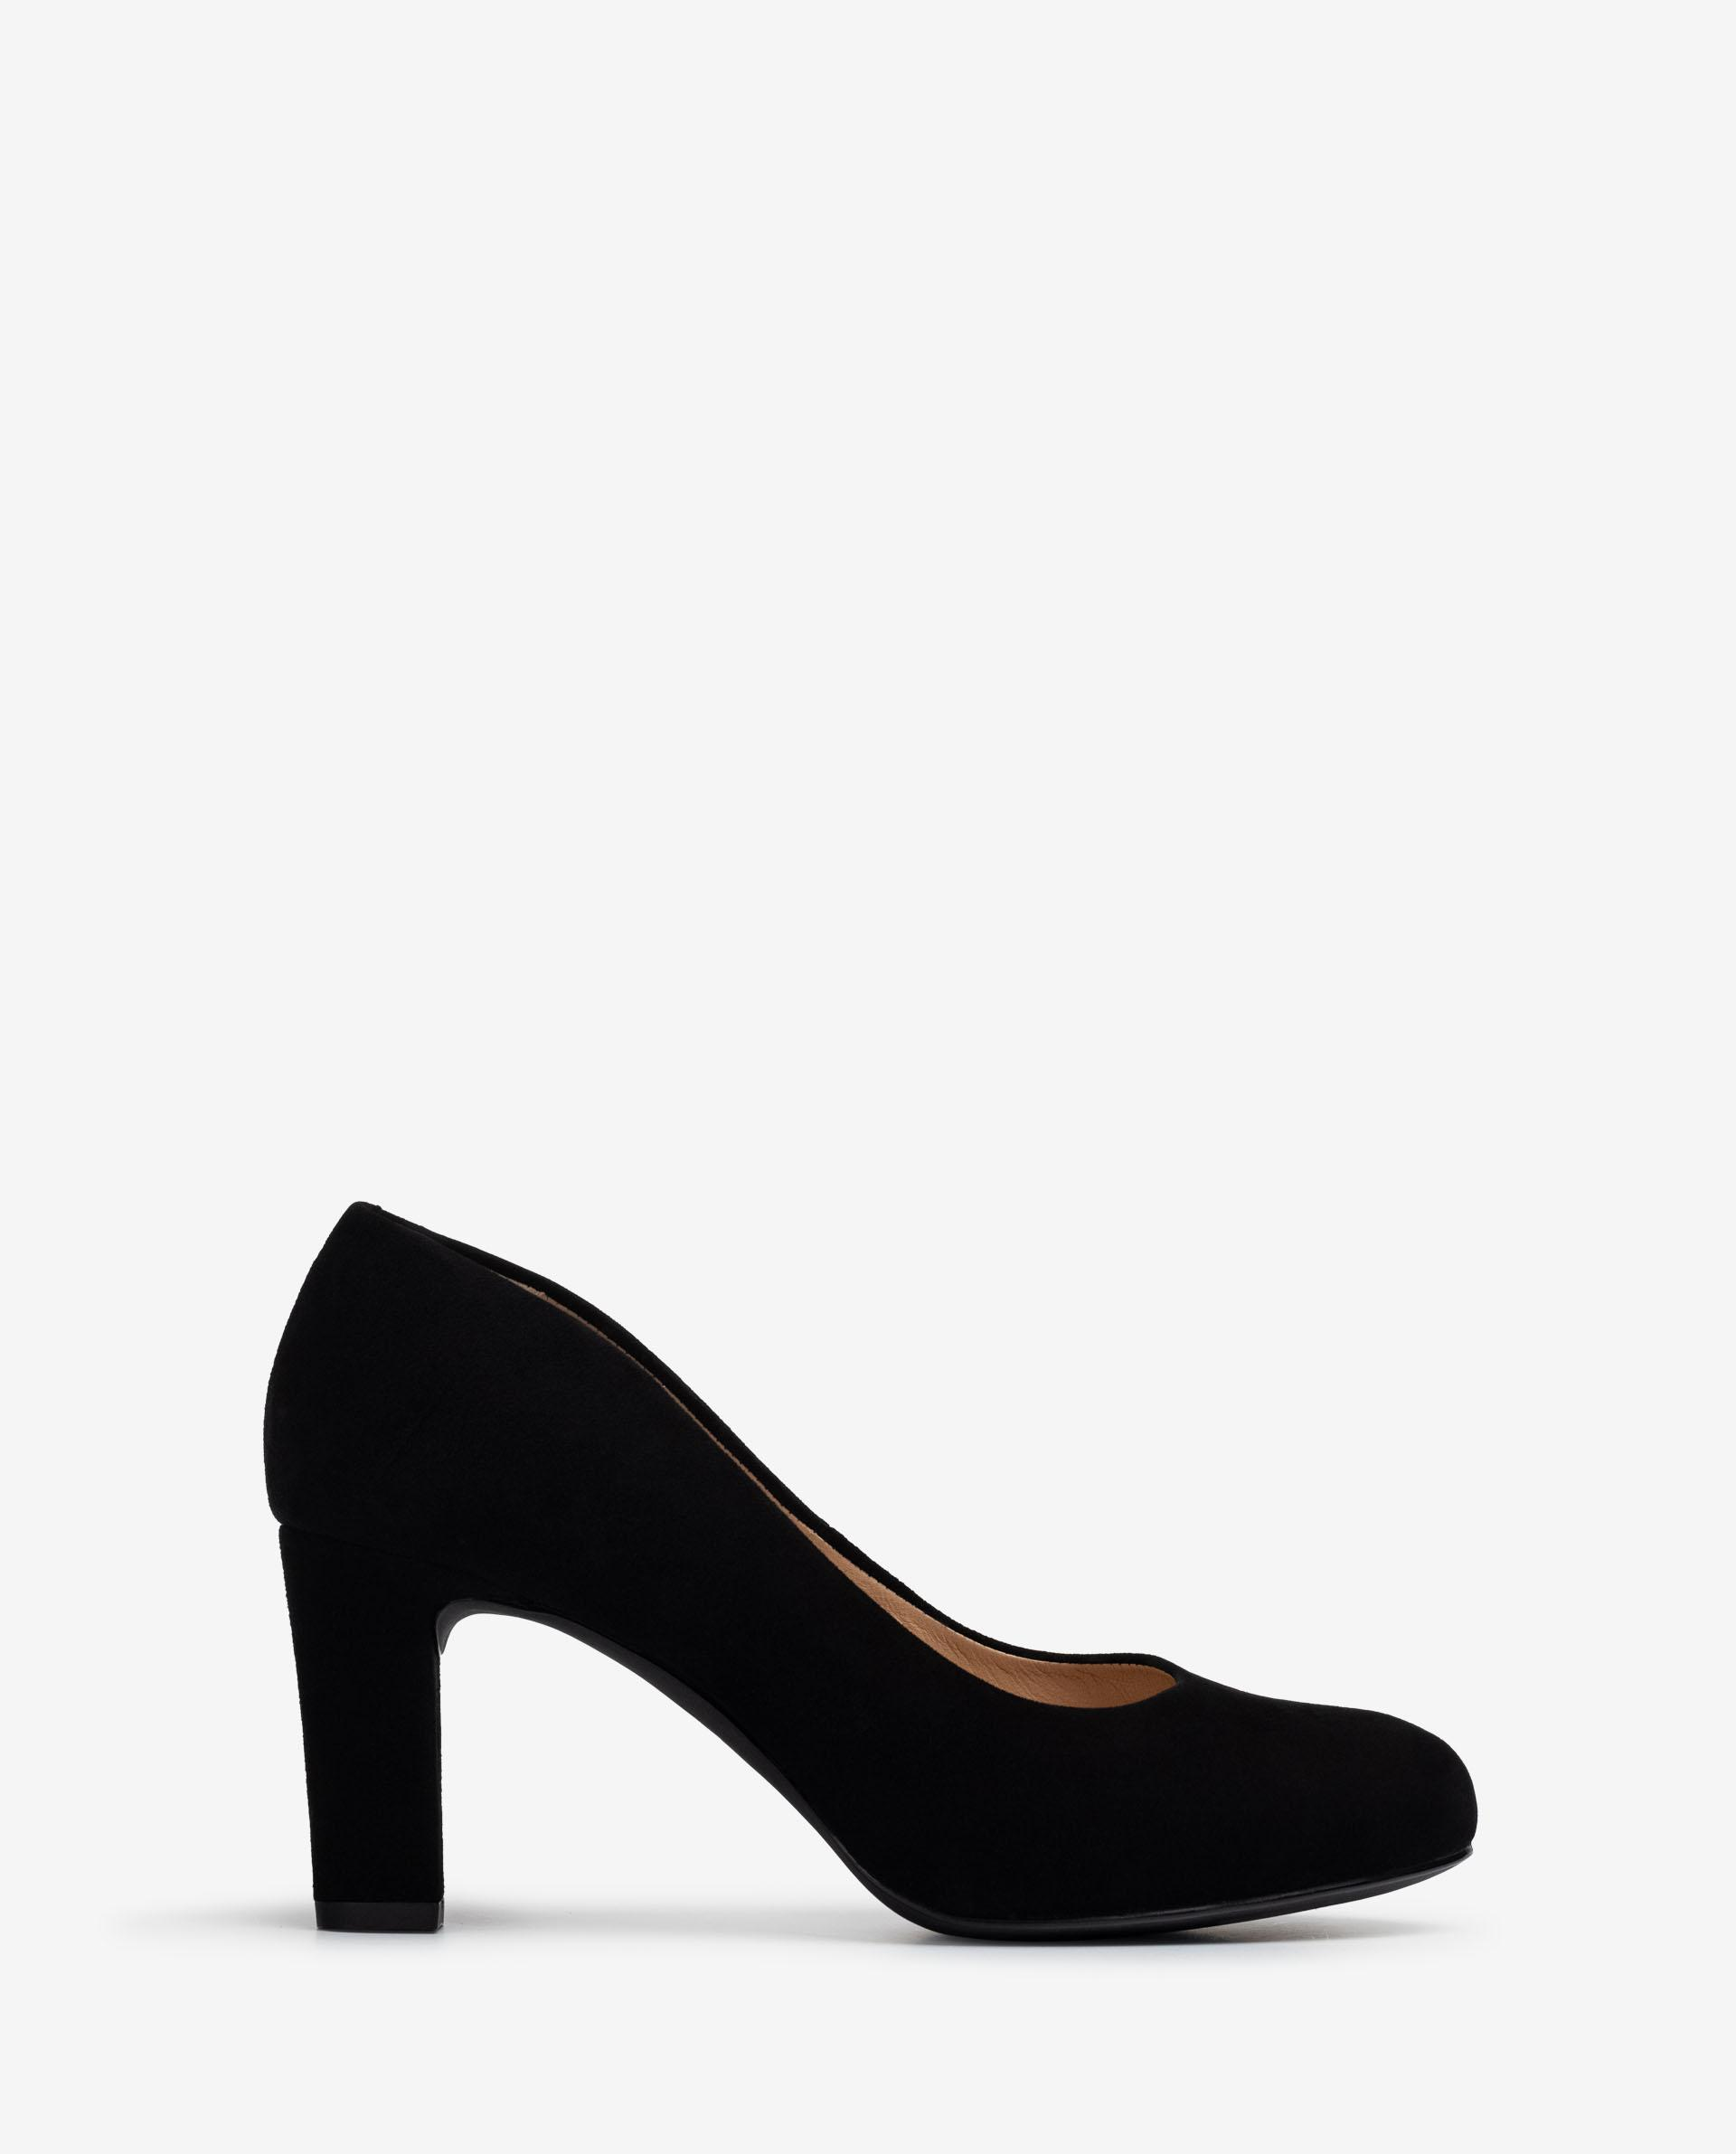 UNISA Kid leather pumps with heel and inner platform NUMIS_F21_KS 5